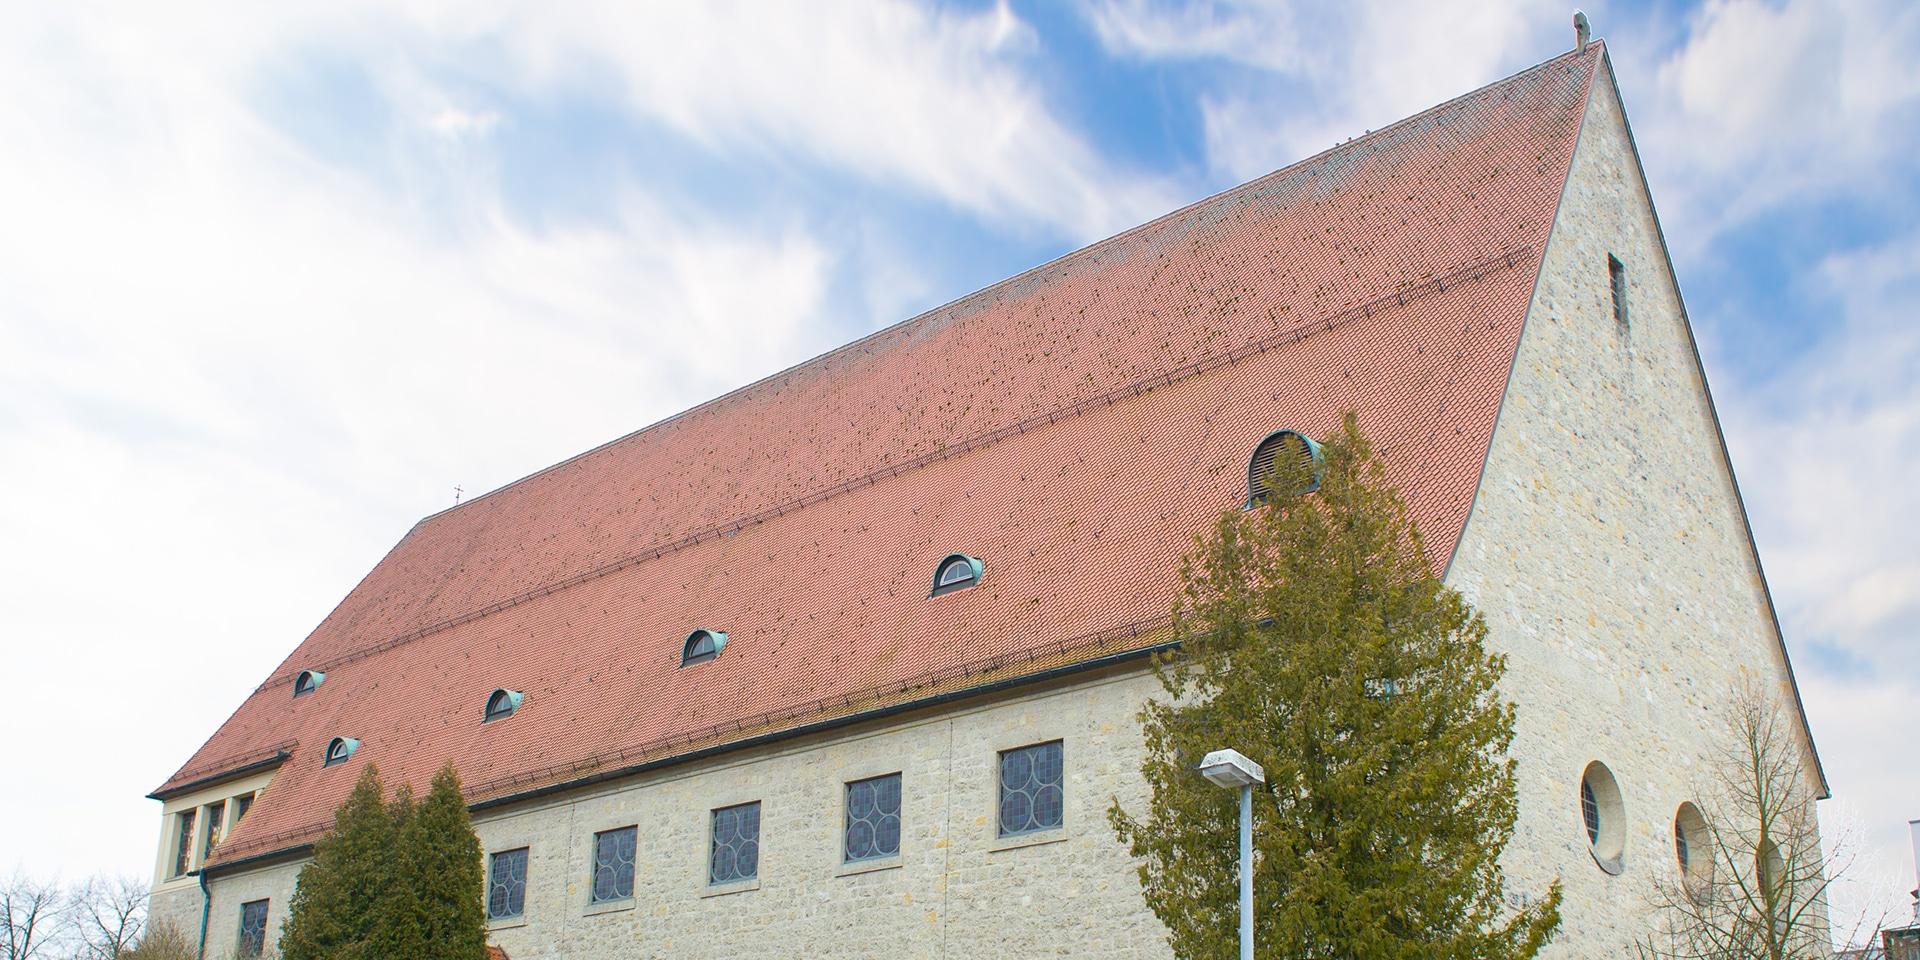 sankt kunigund bamberg - St. Kunigund